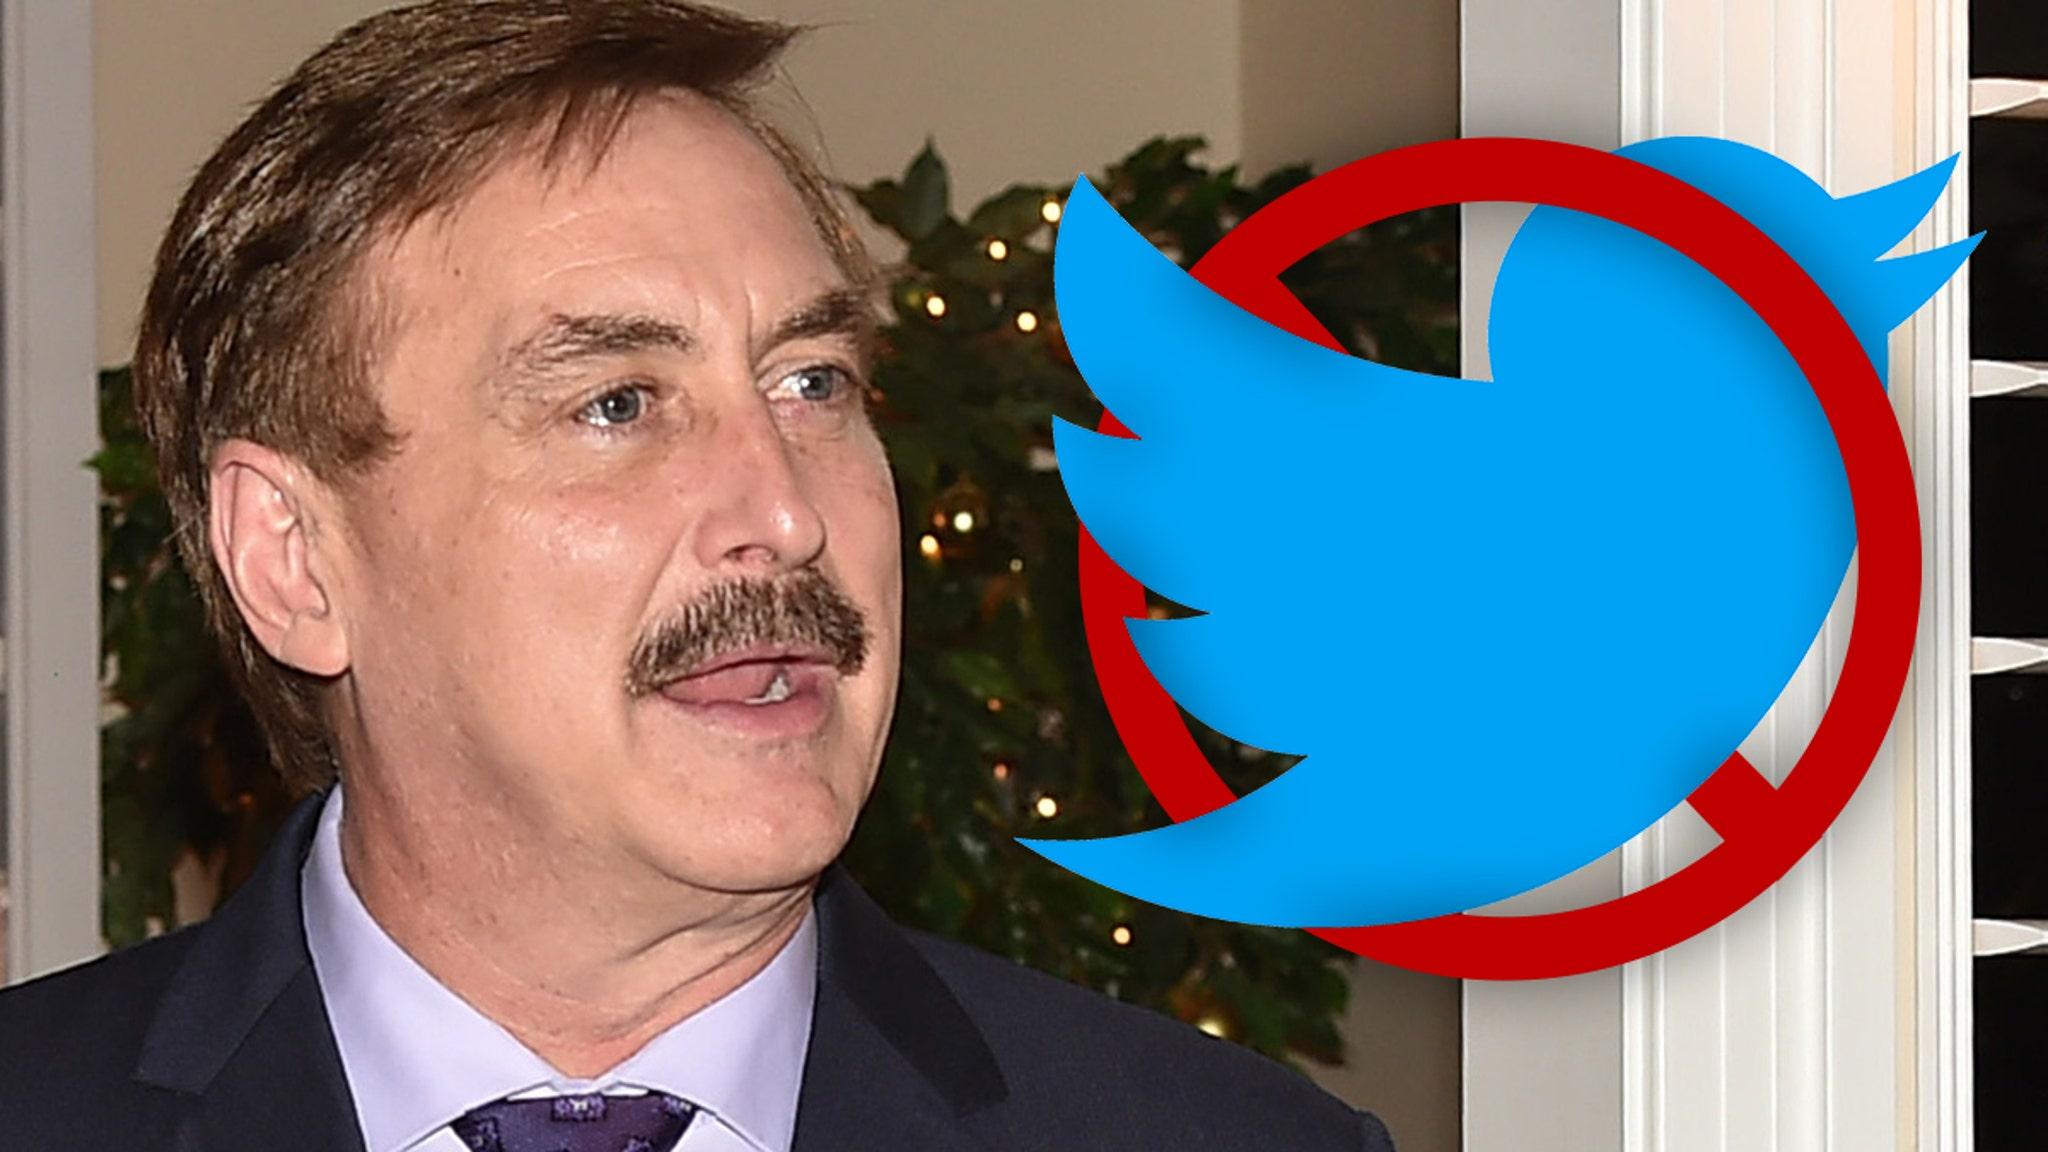 Генеральный директор MyPillow Майк Линделл лишен доступа к Twitter из-за Трампа, заявляет о выборах